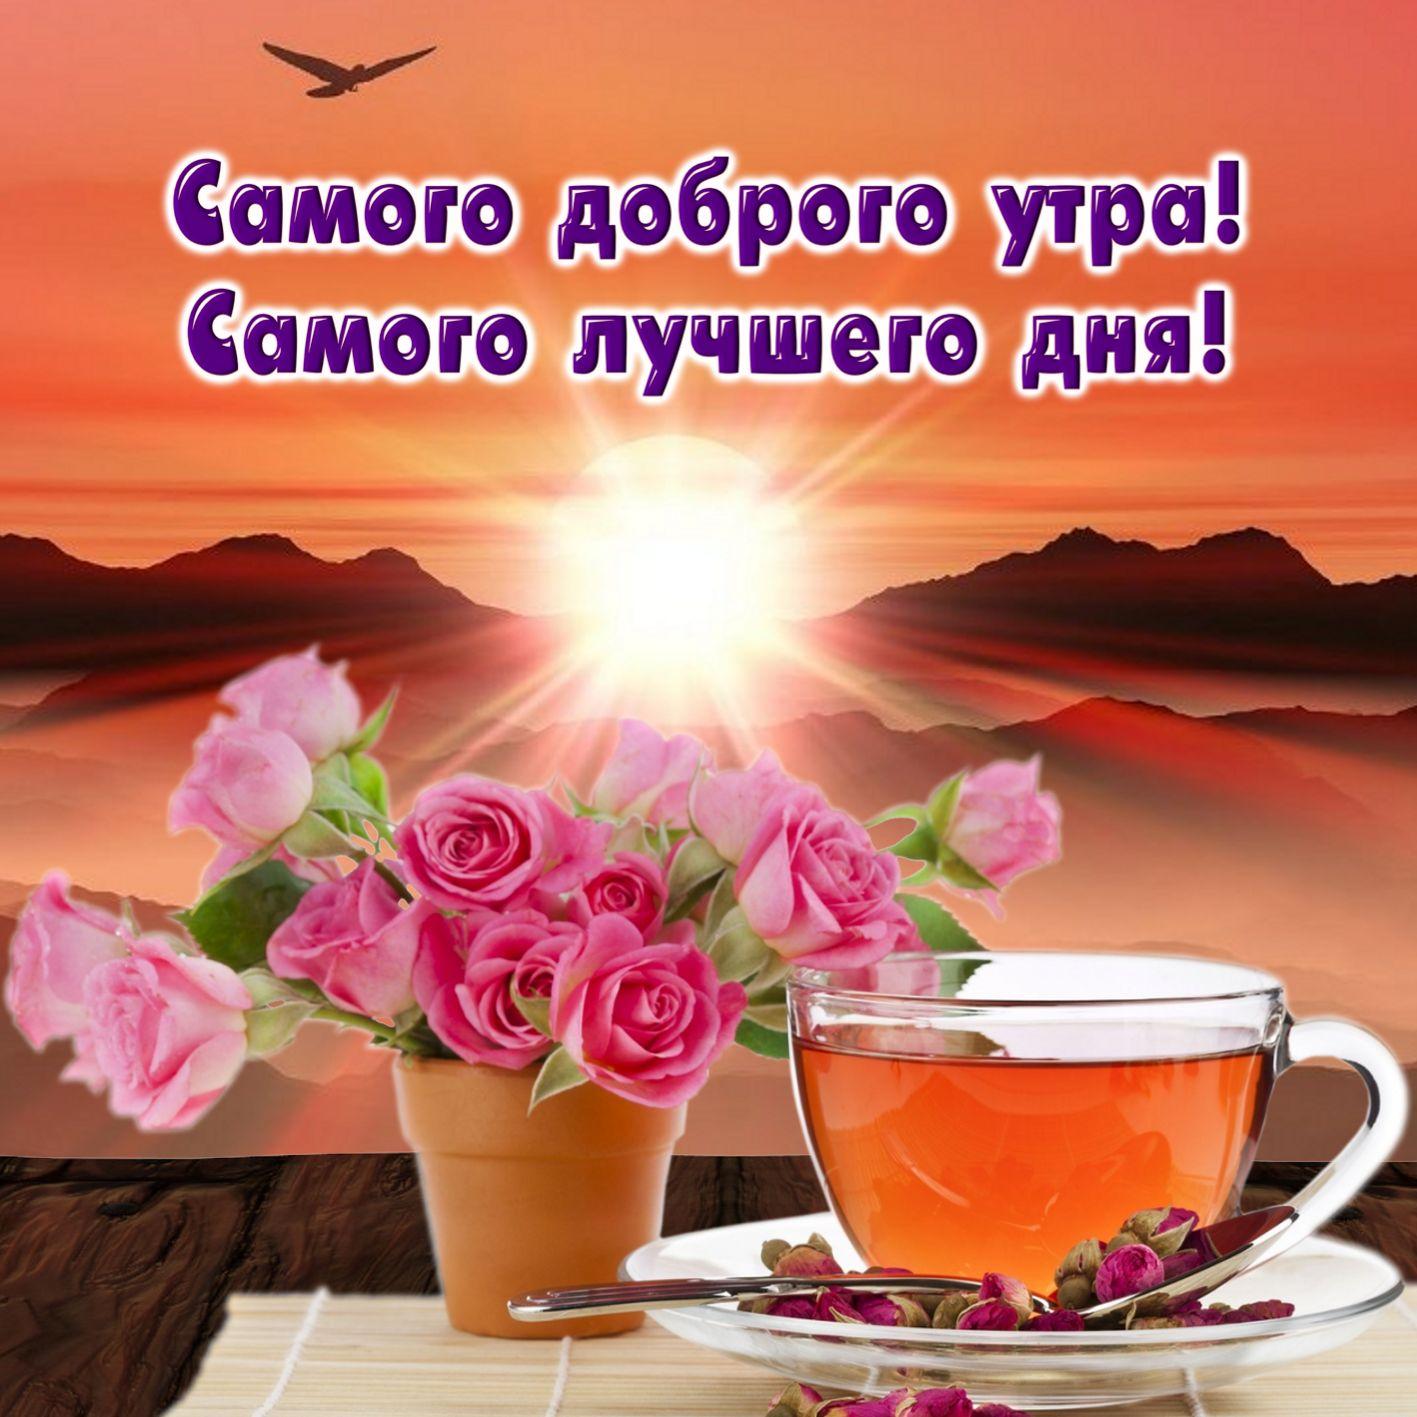 Всем доброе утро красивая открытка, баранкин будь человеком